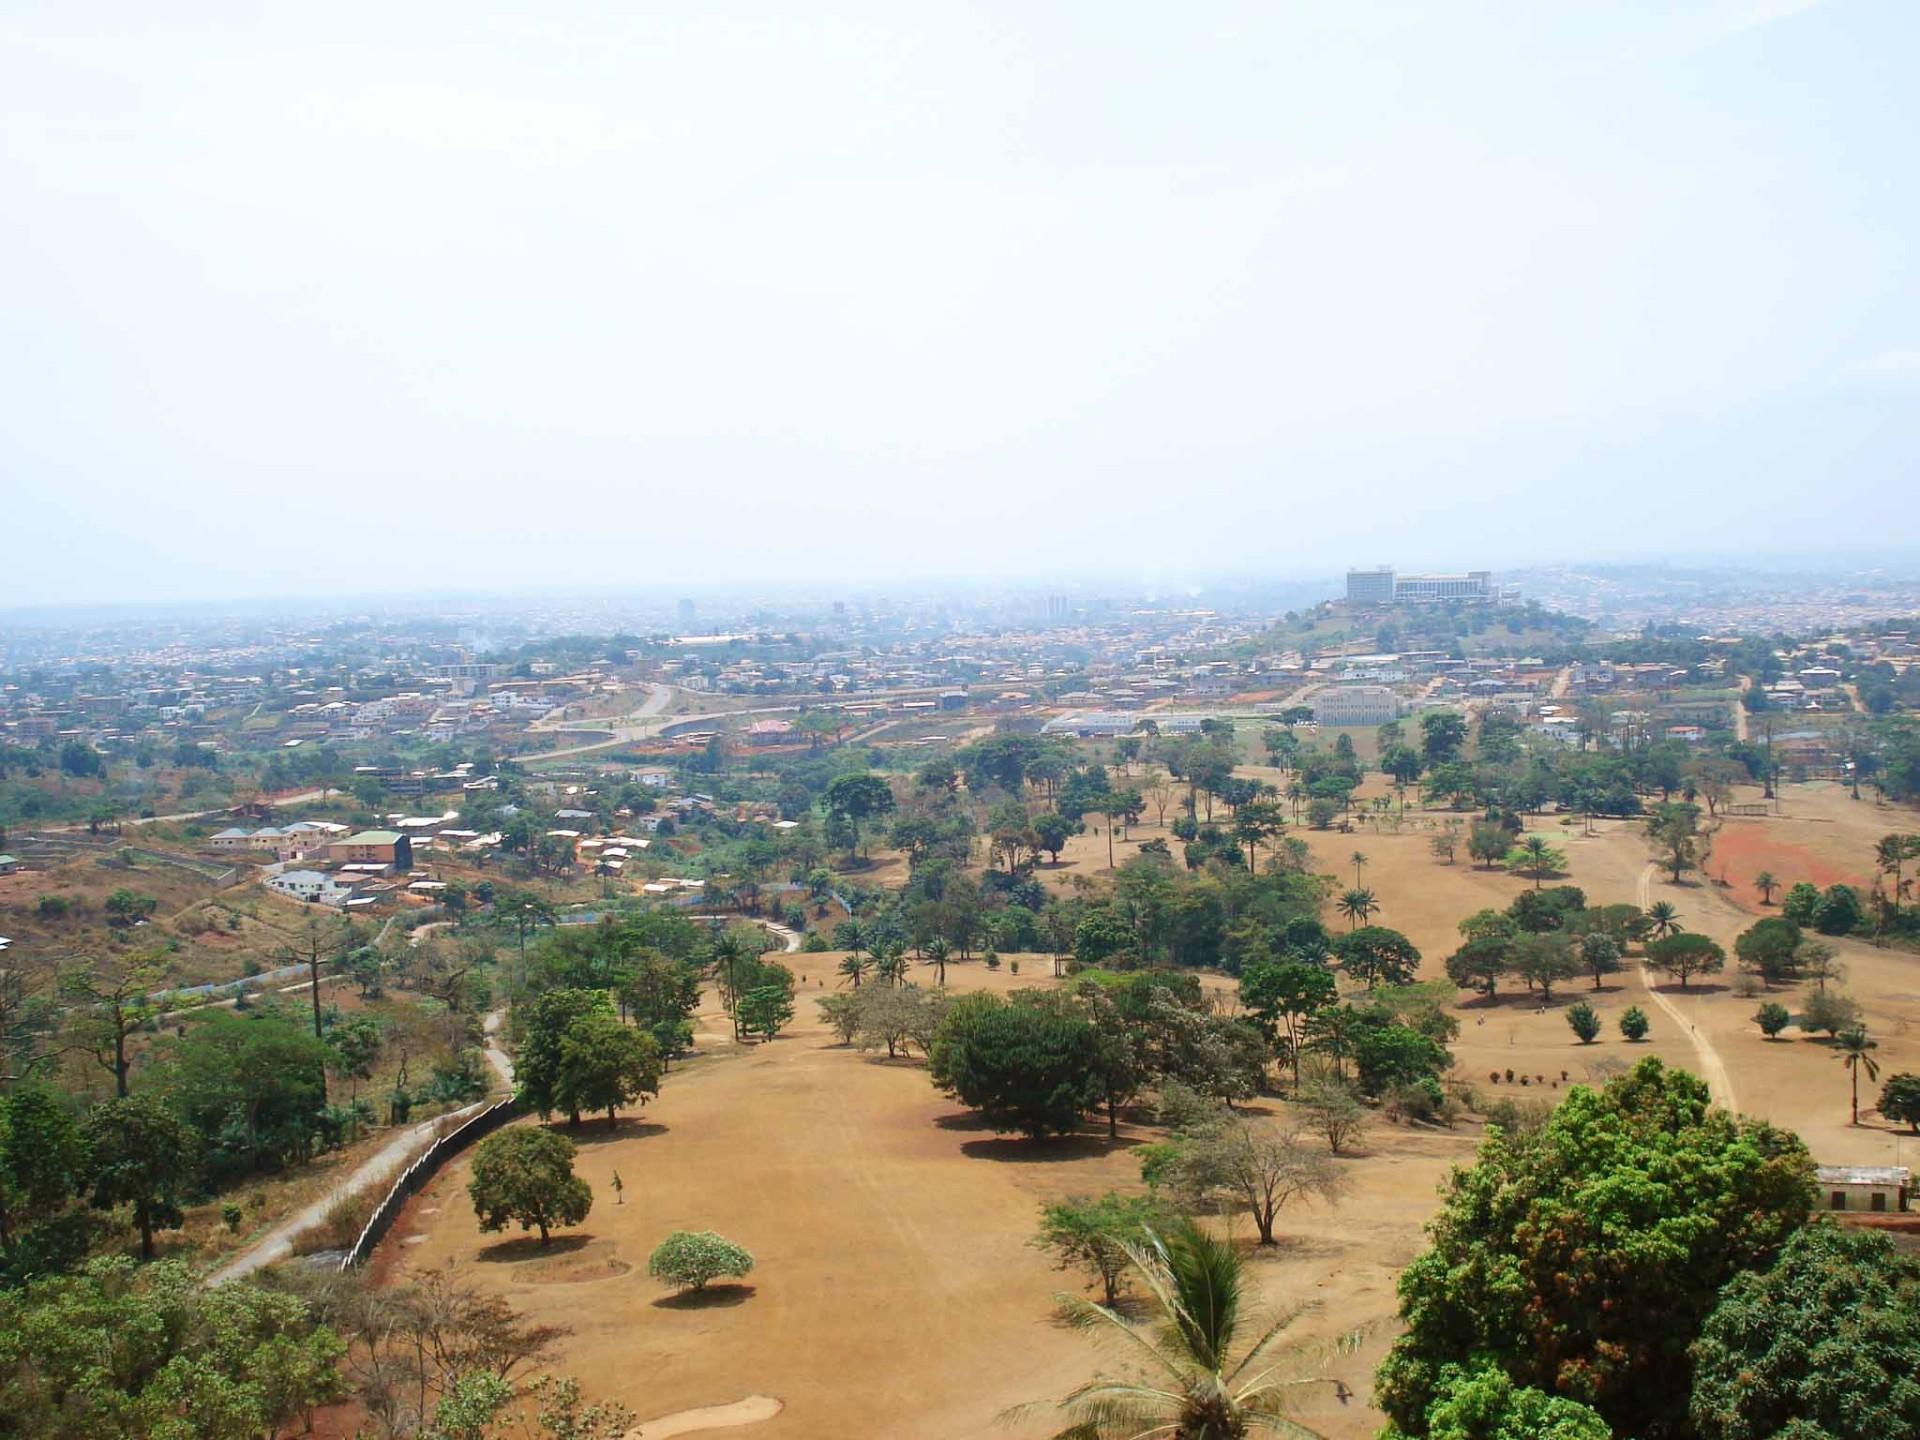 blik op Yaounde